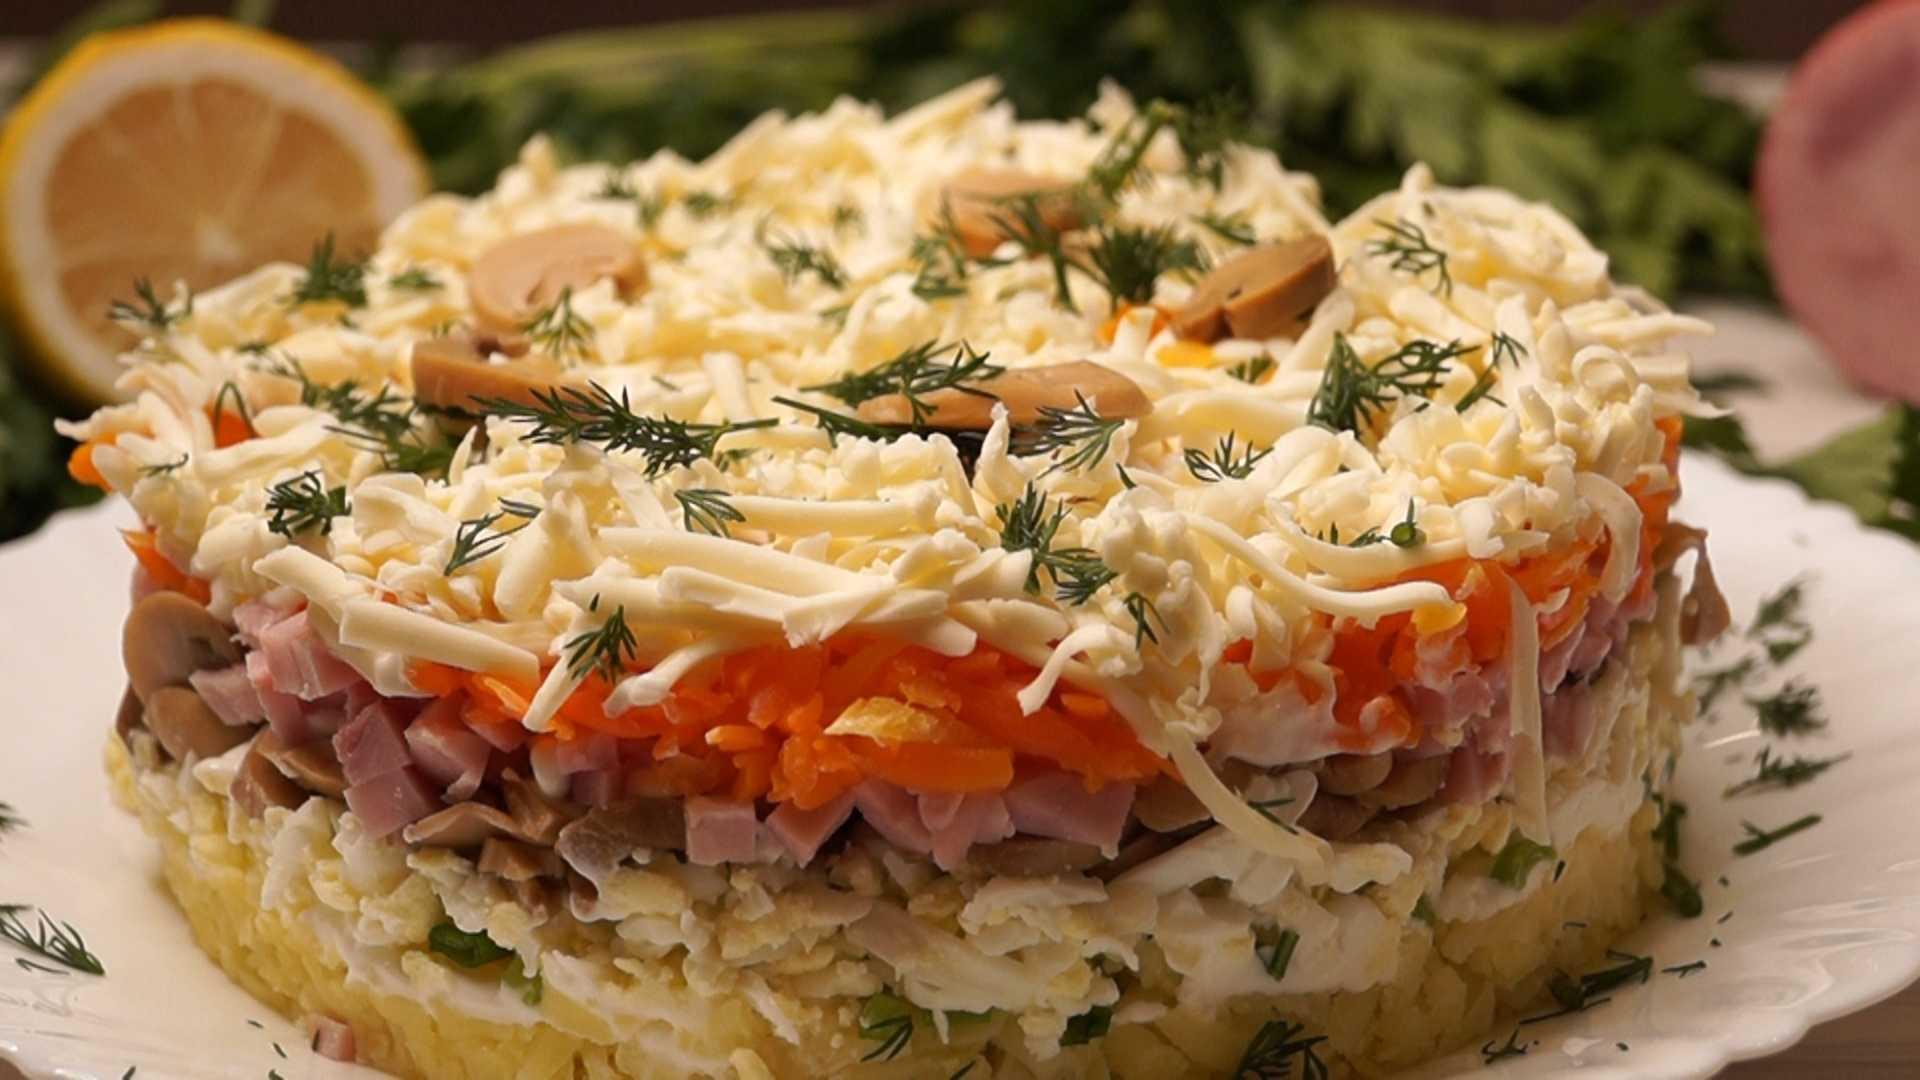 Салат с апельсинами и курицей - 10 лучших рецептов (с фото)